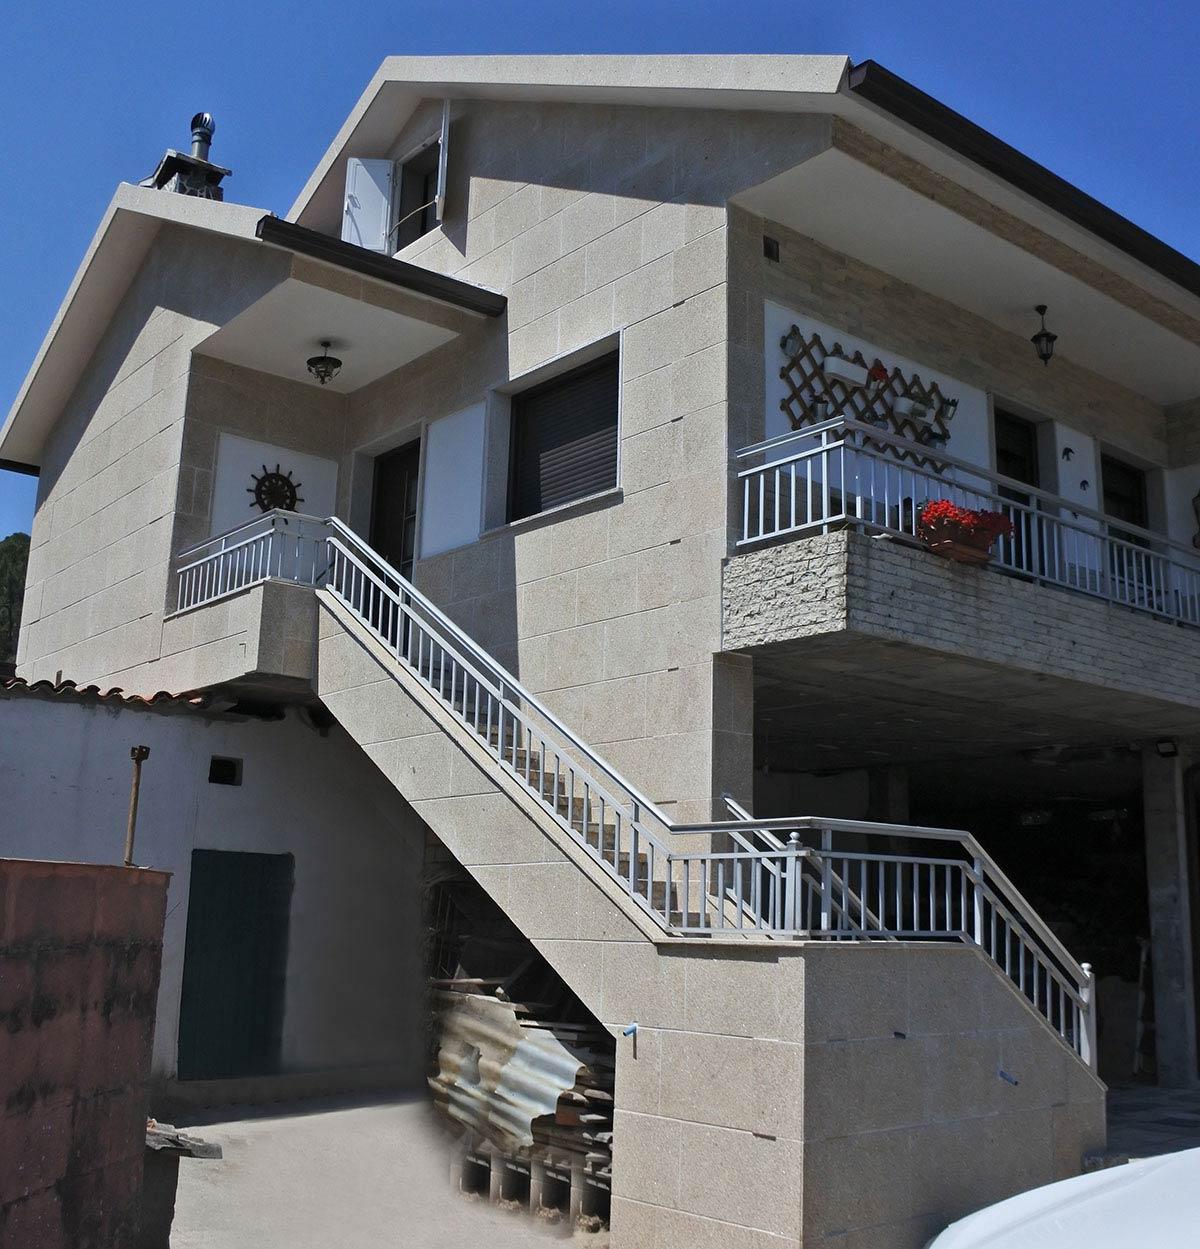 vivienda unifamiliar con GRANITO MORENO PAIS...Y CHIMENEA EN TACO DE SANTIAGO.